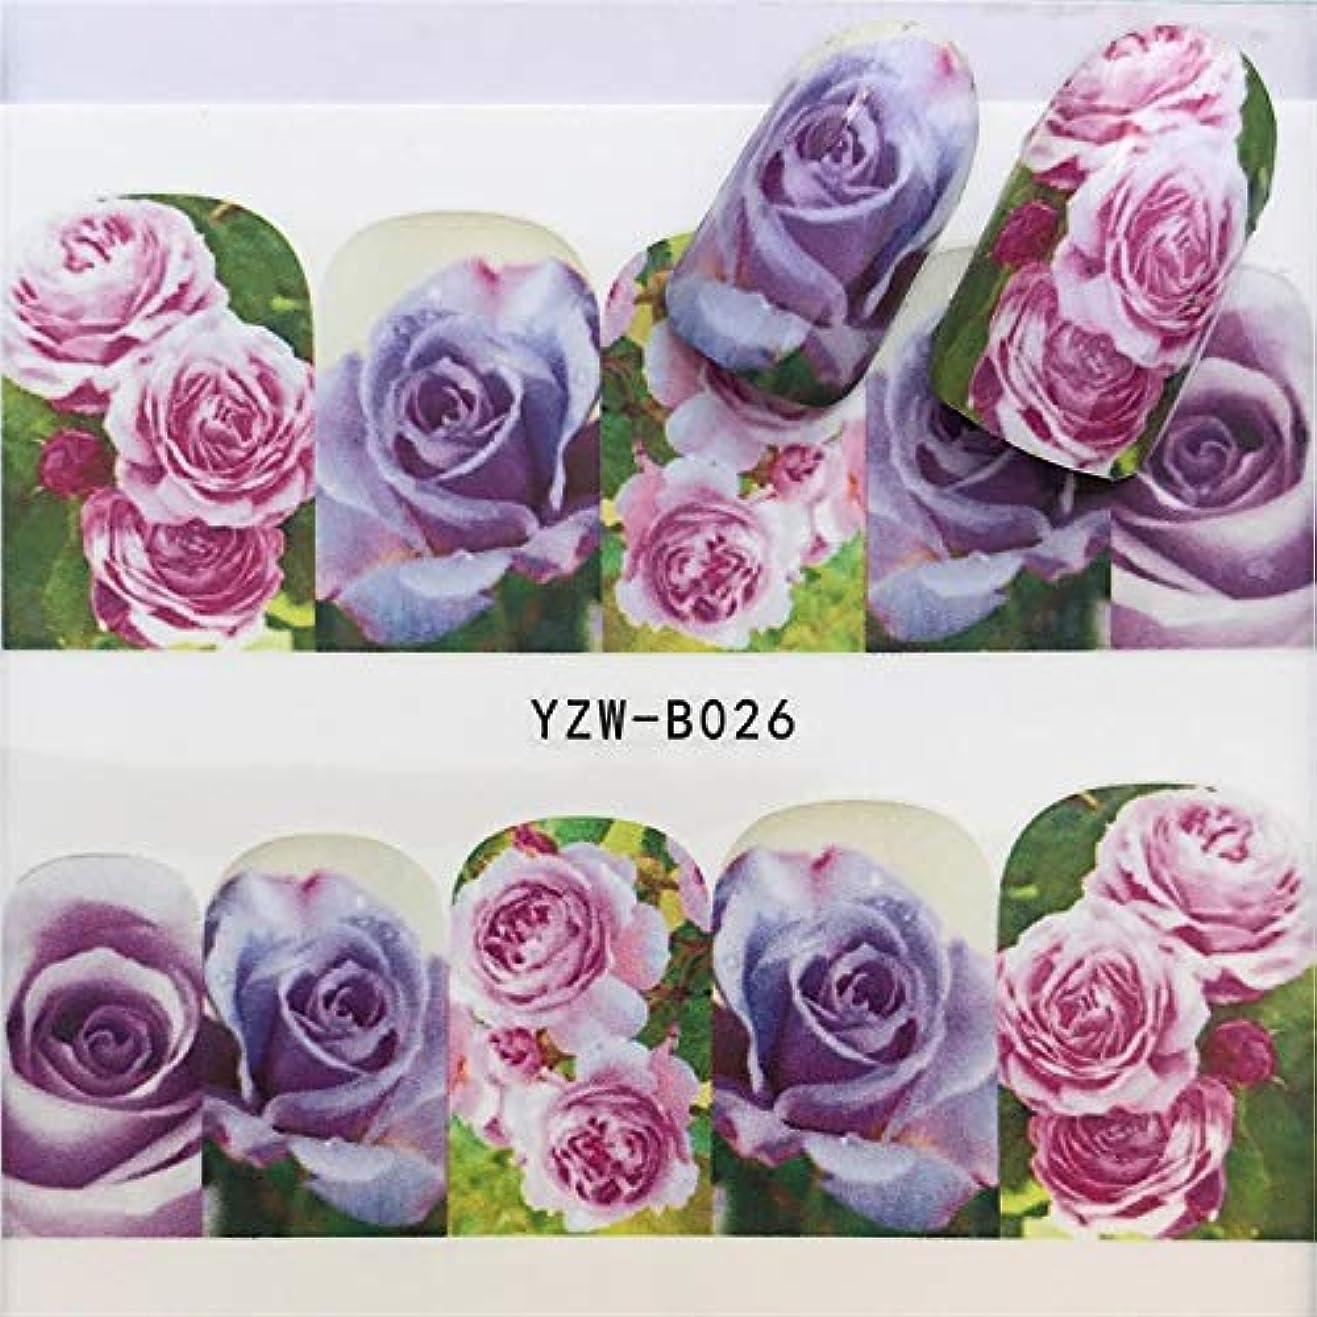 強大なあさり厳密にビューティー&パーソナルケア 3個ネイルステッカーセットデカール水転写スライダーネイルアートデコレーション、色:YZWB026 ステッカー&デカール